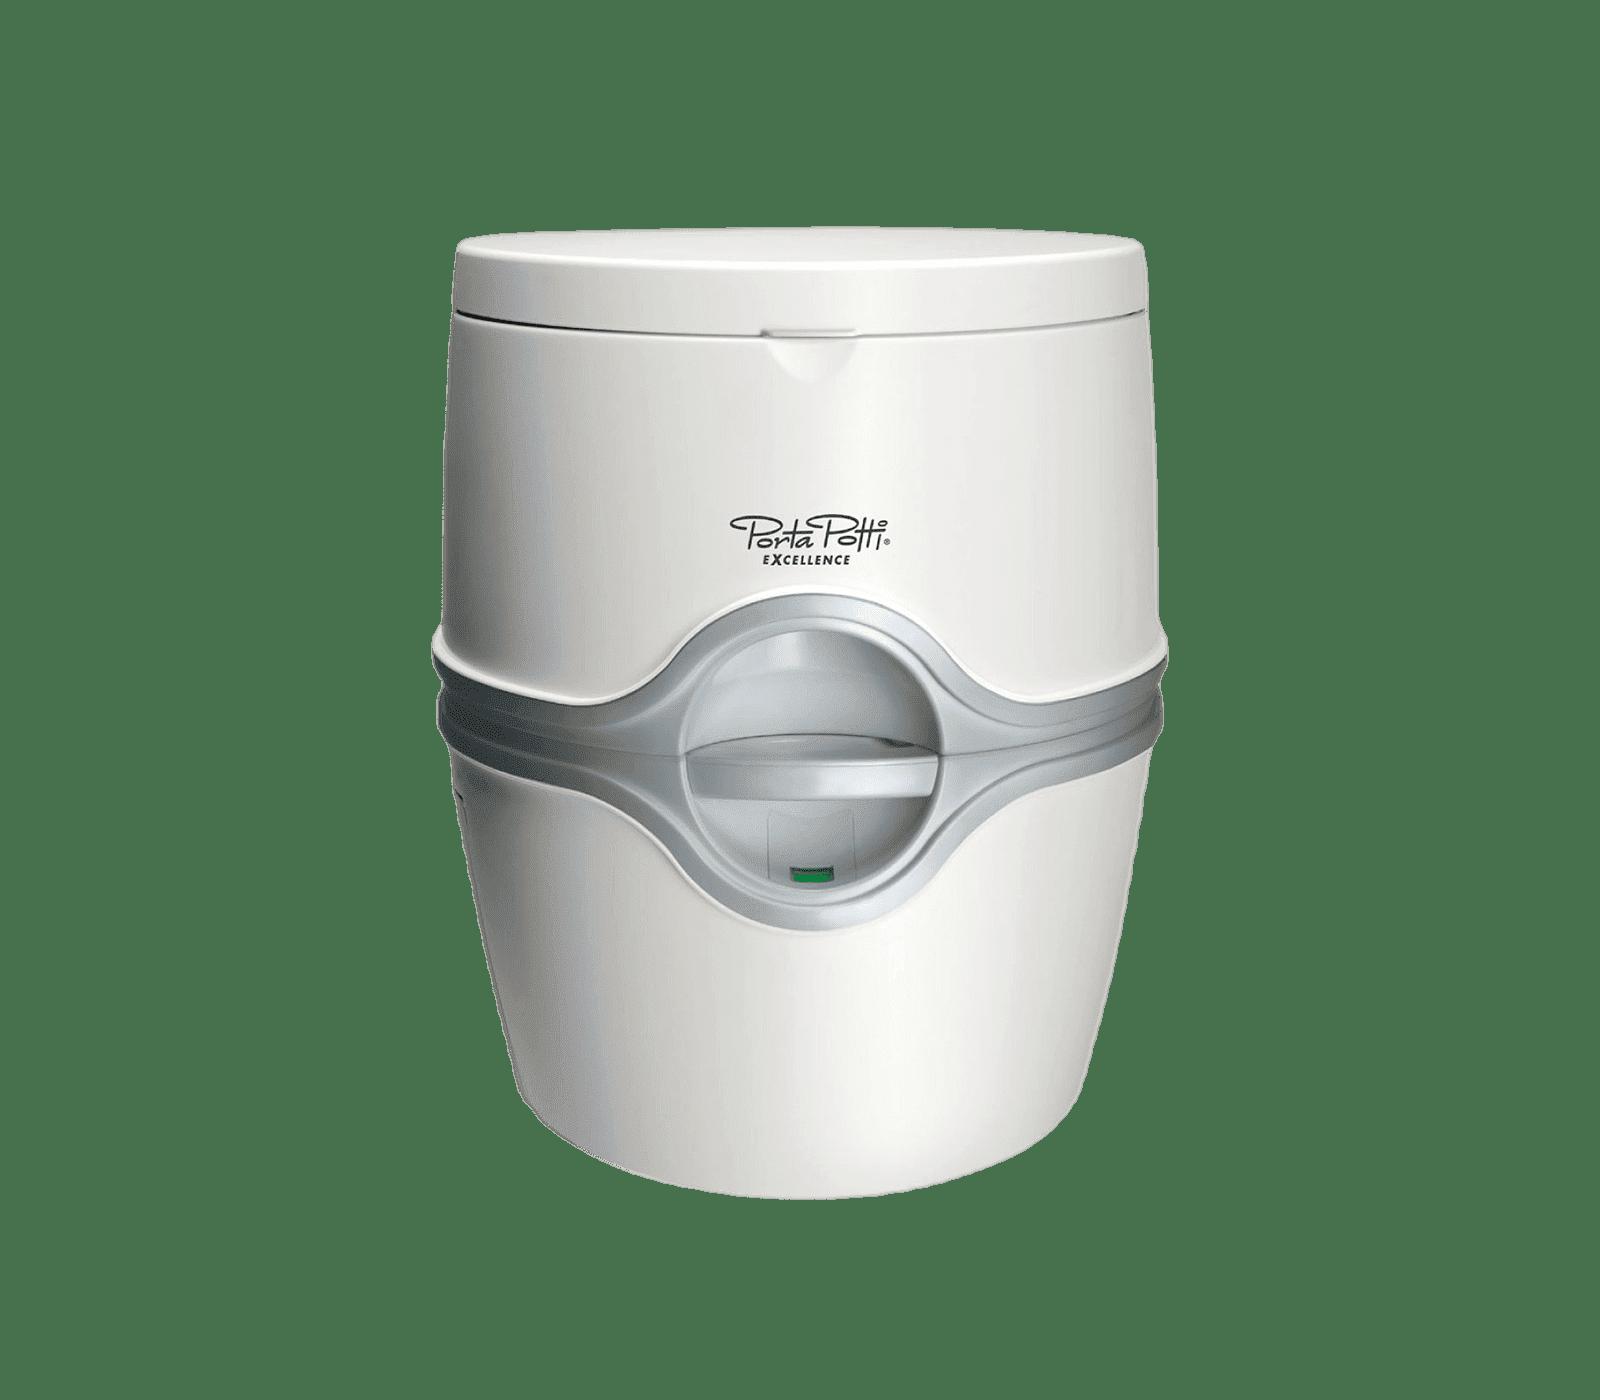 Porta potti excellence 565